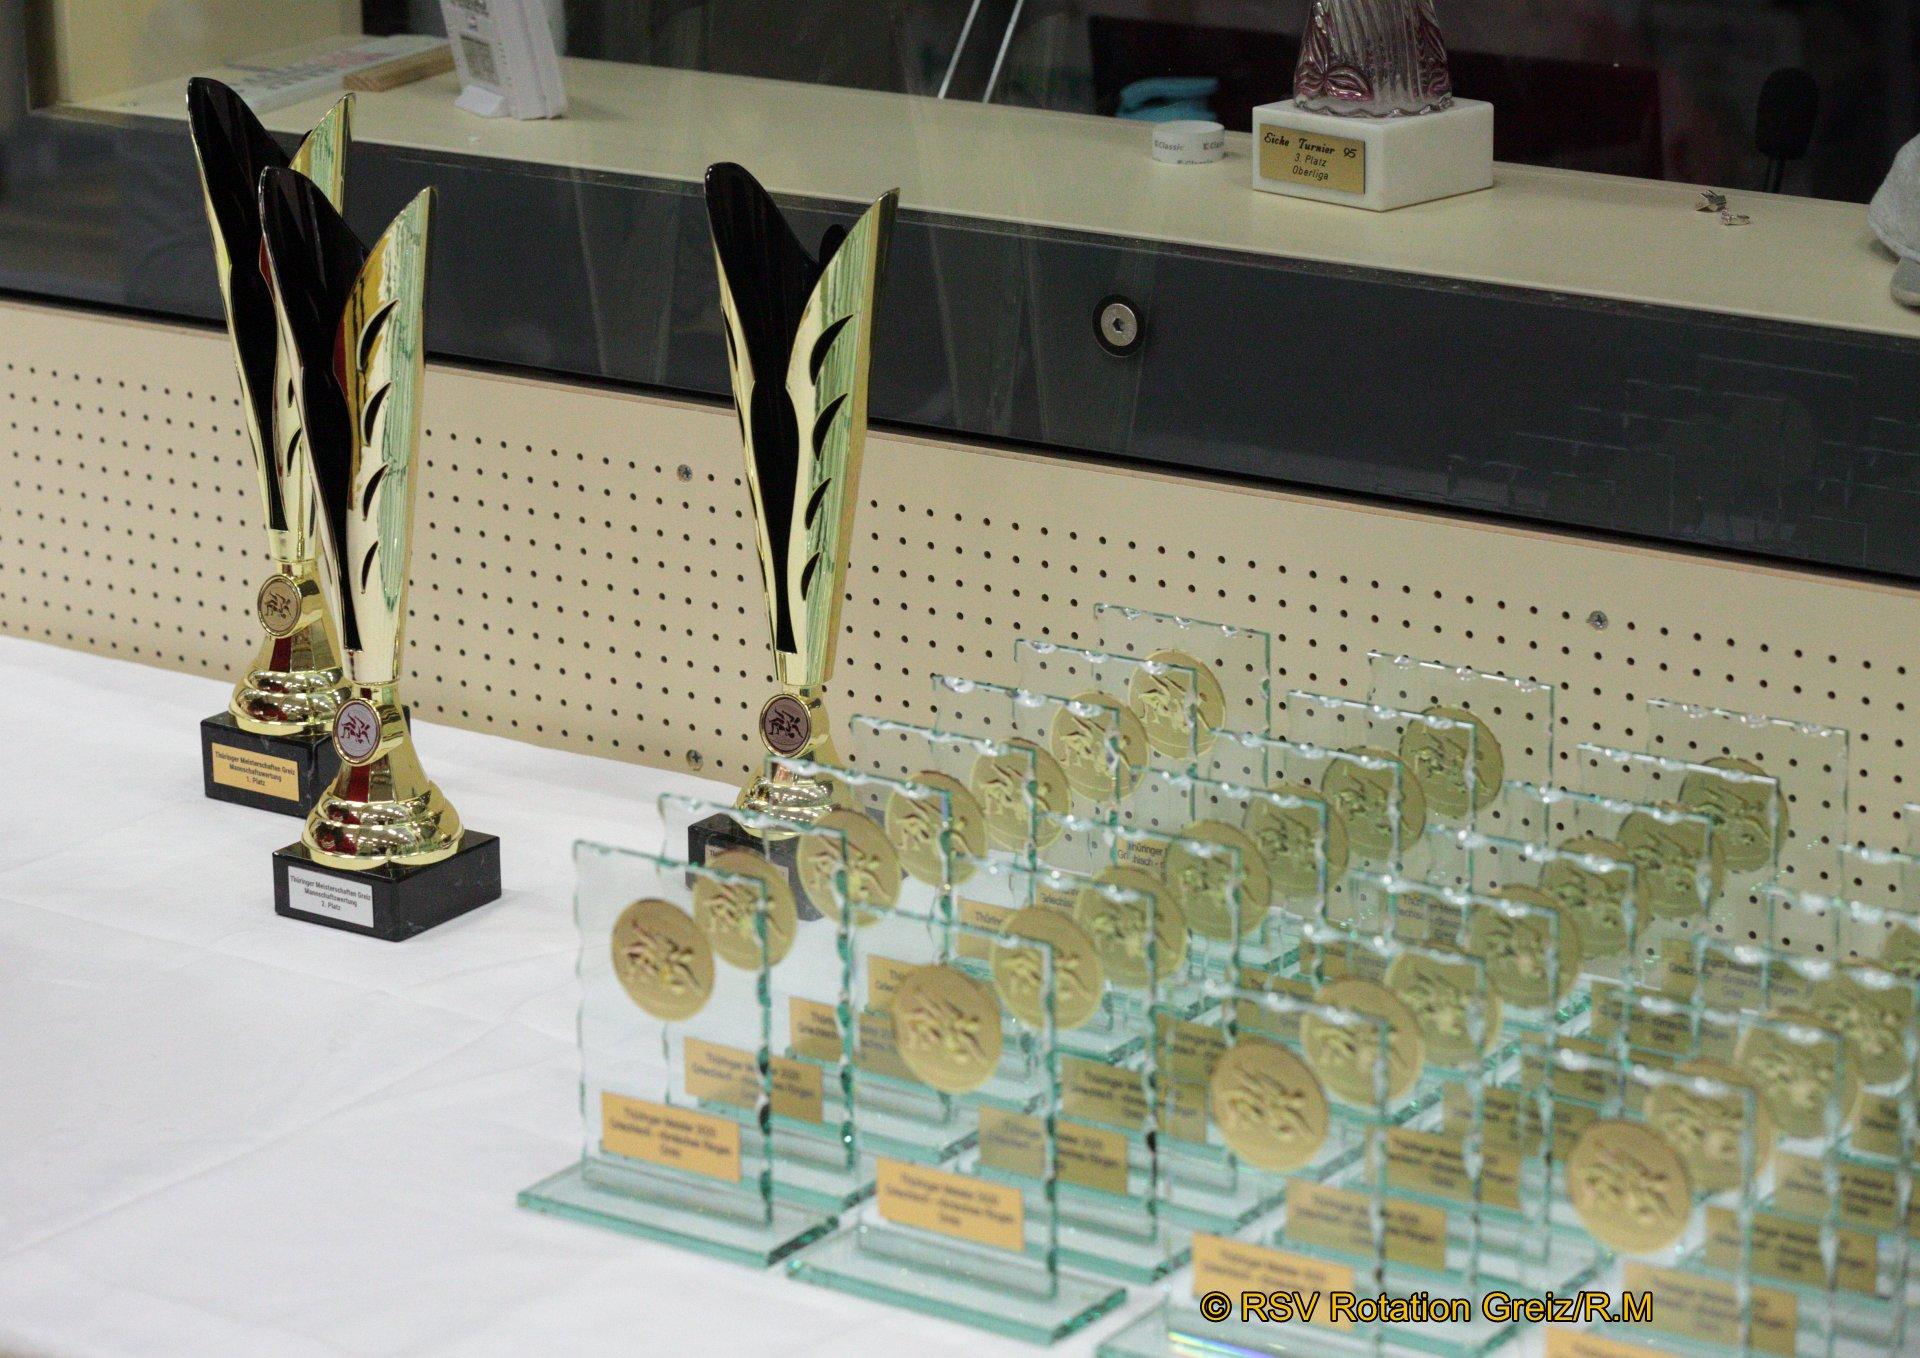 Die Thüringer Einzelmeisterschaften der Ringer im griechisch-römischen Stil wurden zu einem großartigen Erfolg für die Gastgeber des RSV Rotation Greiz. Die Greizer stellten in eigener Halle in Greiz-Aubachtal nicht nur mit 38 Startern die weitaus meisten Teilnehmer, sie gewannen auch mit 25 Medaillen das meiste Edelmetall.